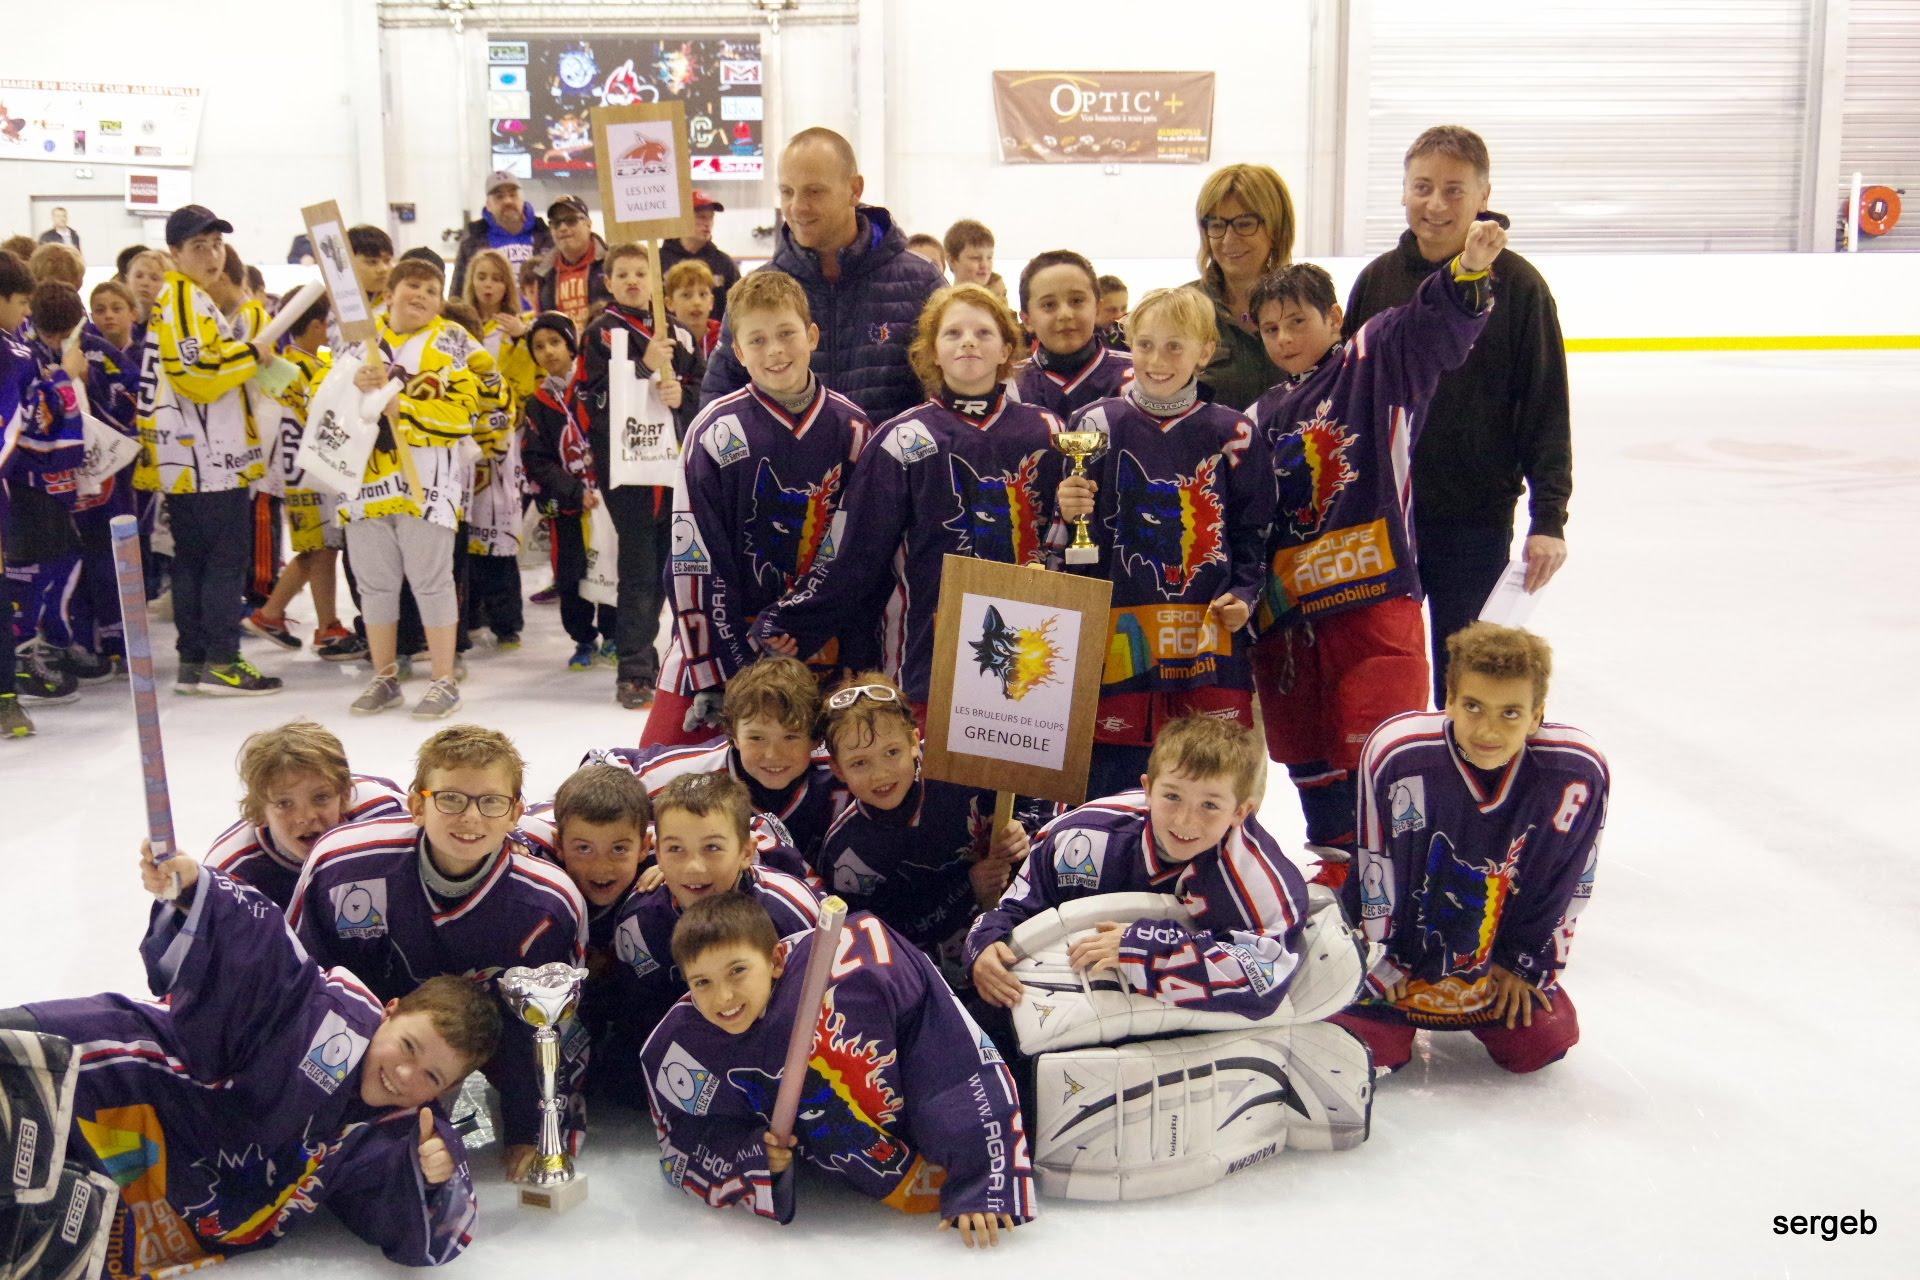 tournoi hockey albertville